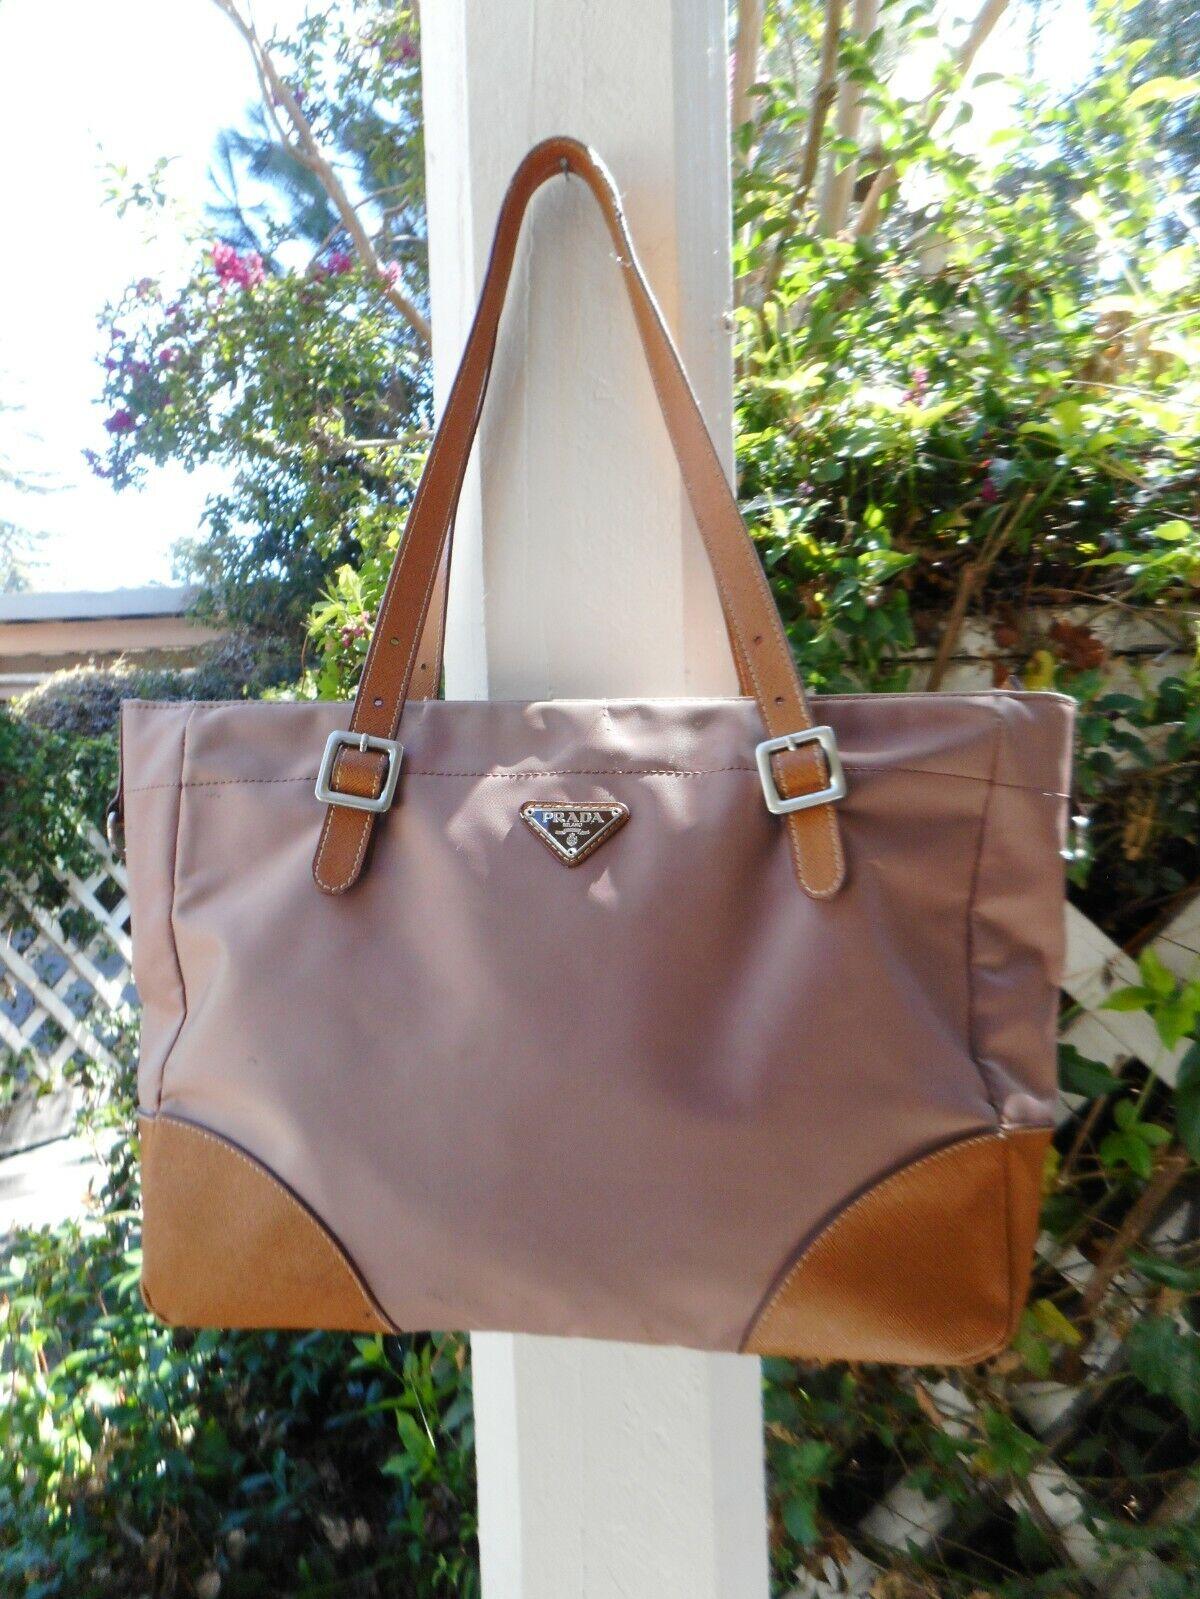 PRADA Womens Nylon Medium Tote Shoulder Bag